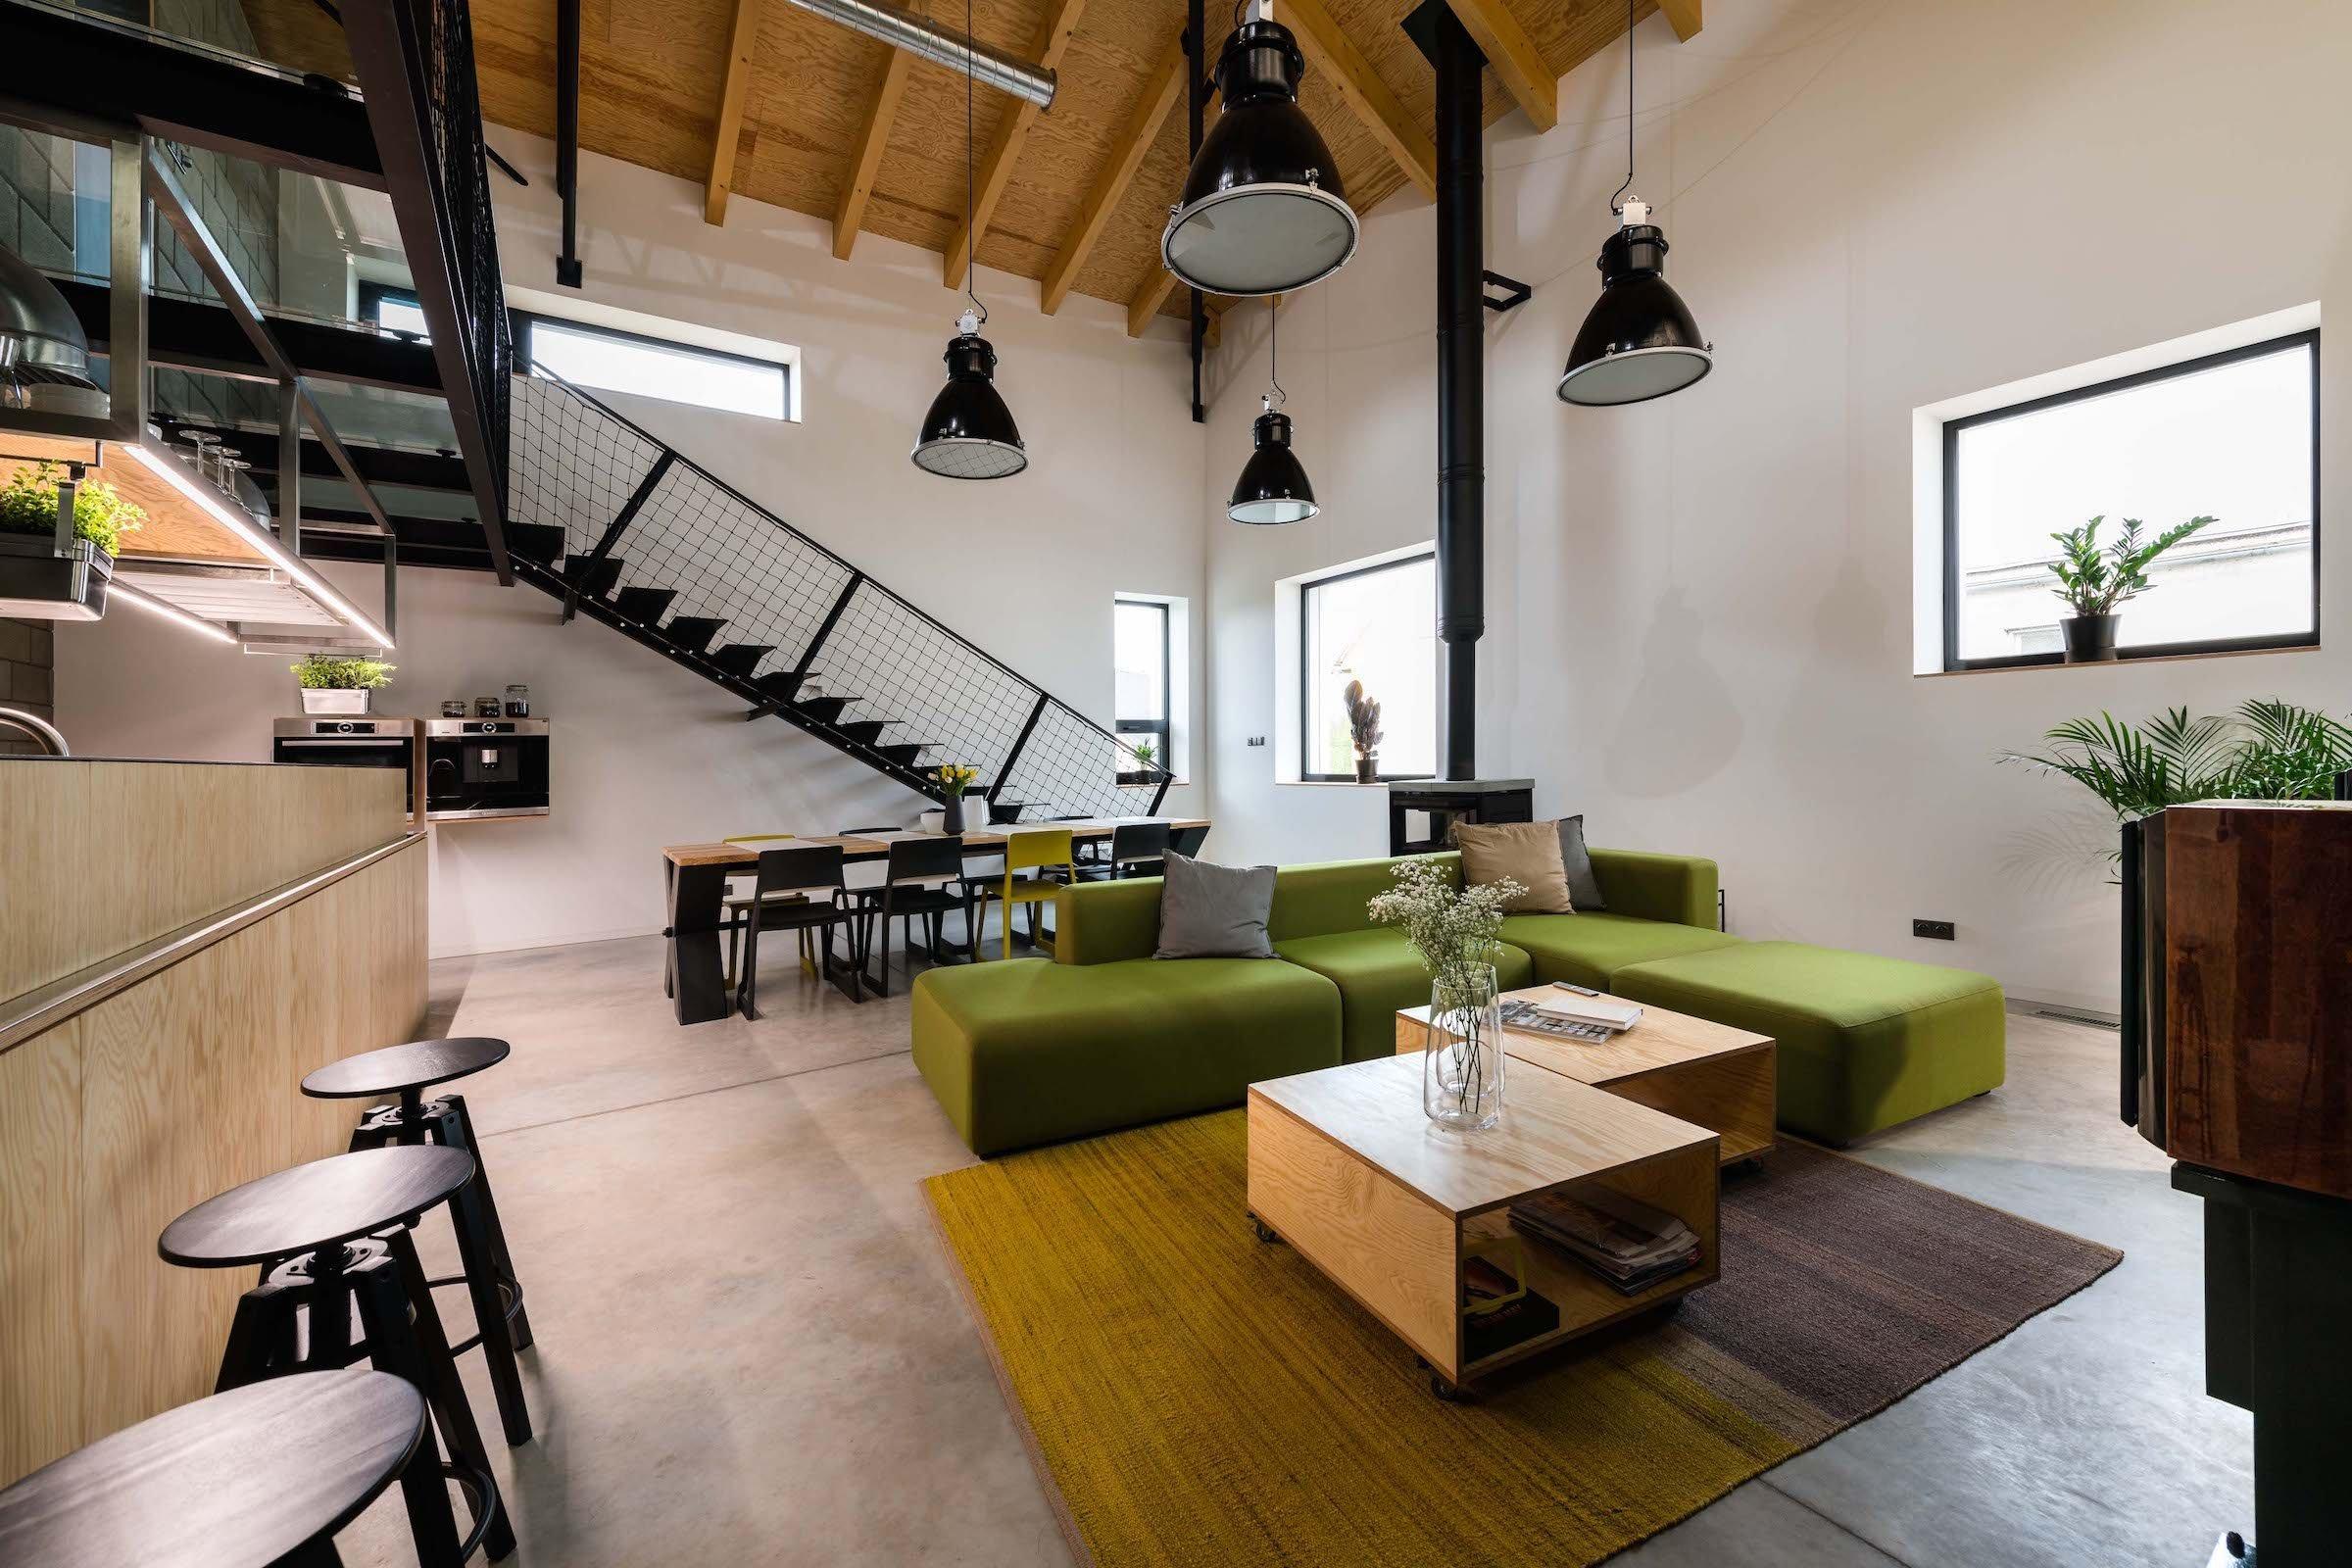 """Tento dům pocházející ze 70. let si prošel velkou rekonstrukcí.  A to natolik rozsáhlou, že původní zůstaly pouze obvodové zdi. Do prostoru byla vložena nová dispozice """"loftového typu"""". Vznikl tak interiér s neobvyklou světlou výškou a přiznanými konstrukcemi schodiště a galerie. Architekti ze slovenského ateliéru H2A přestavěli nenápadný rodinný dům ze 70. let na moderní minimalistické bydlení pro mladou rodinu."""